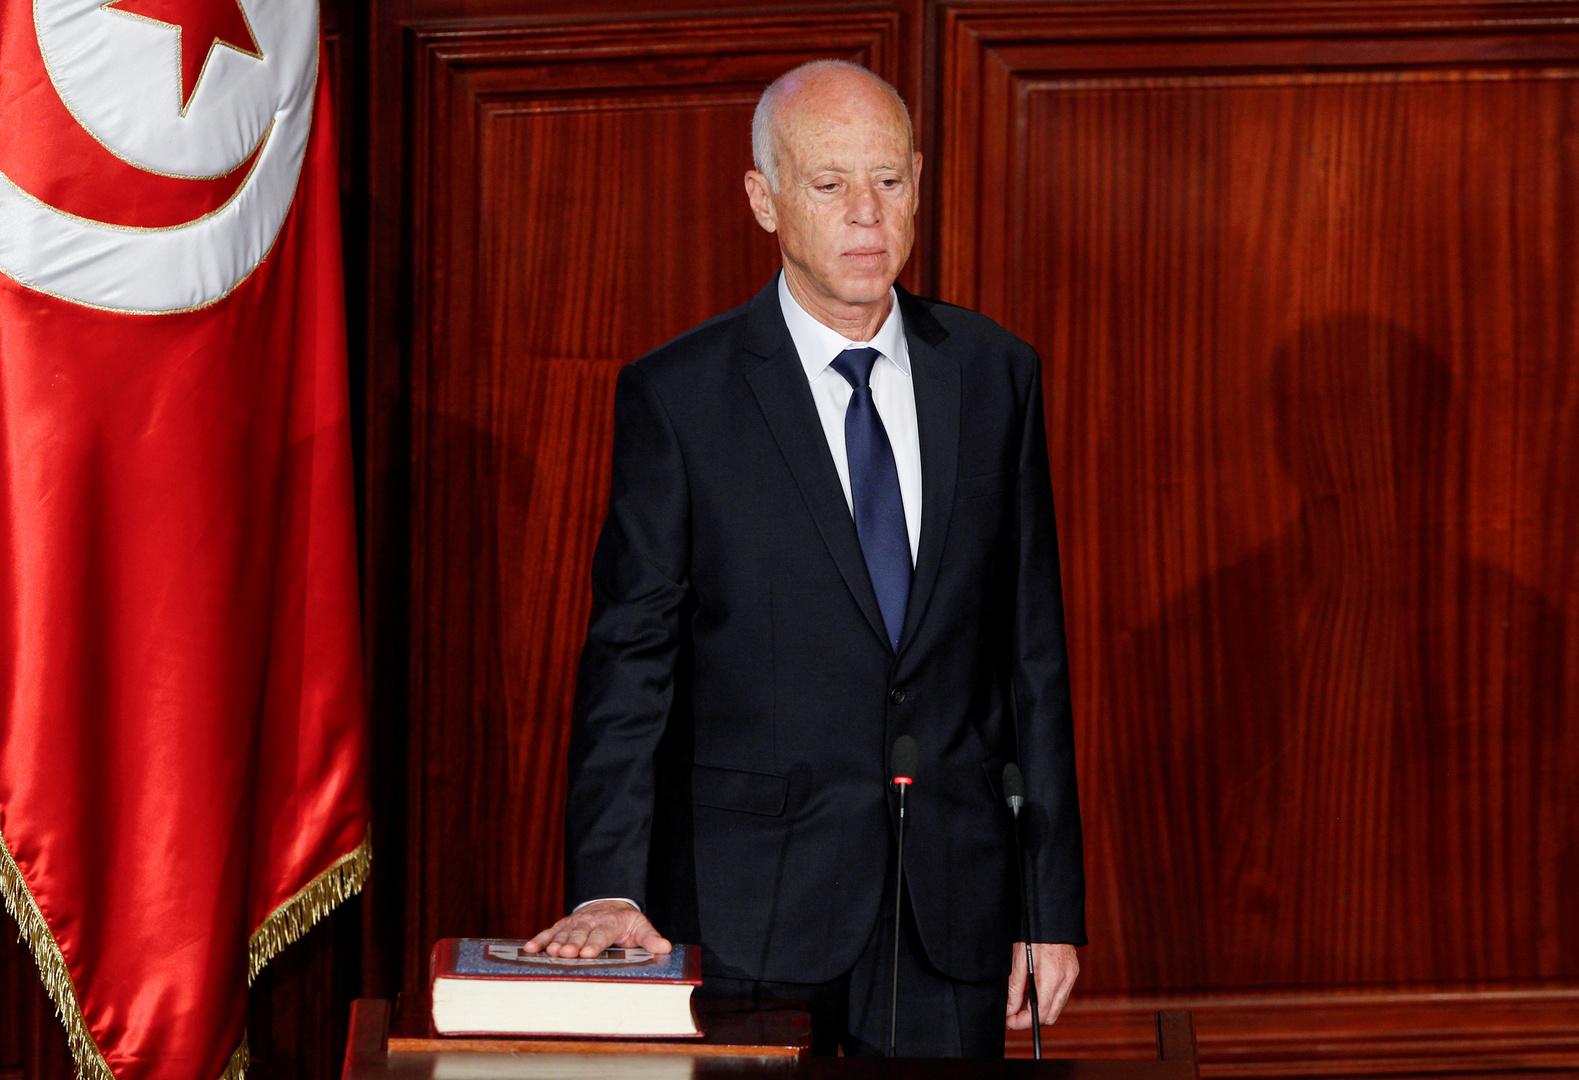 حزب تونسي يطالب الرئيس قيس سعيد بتوضيحات حول مشاركة تونس بمناورات بحرية مع إسرائيل